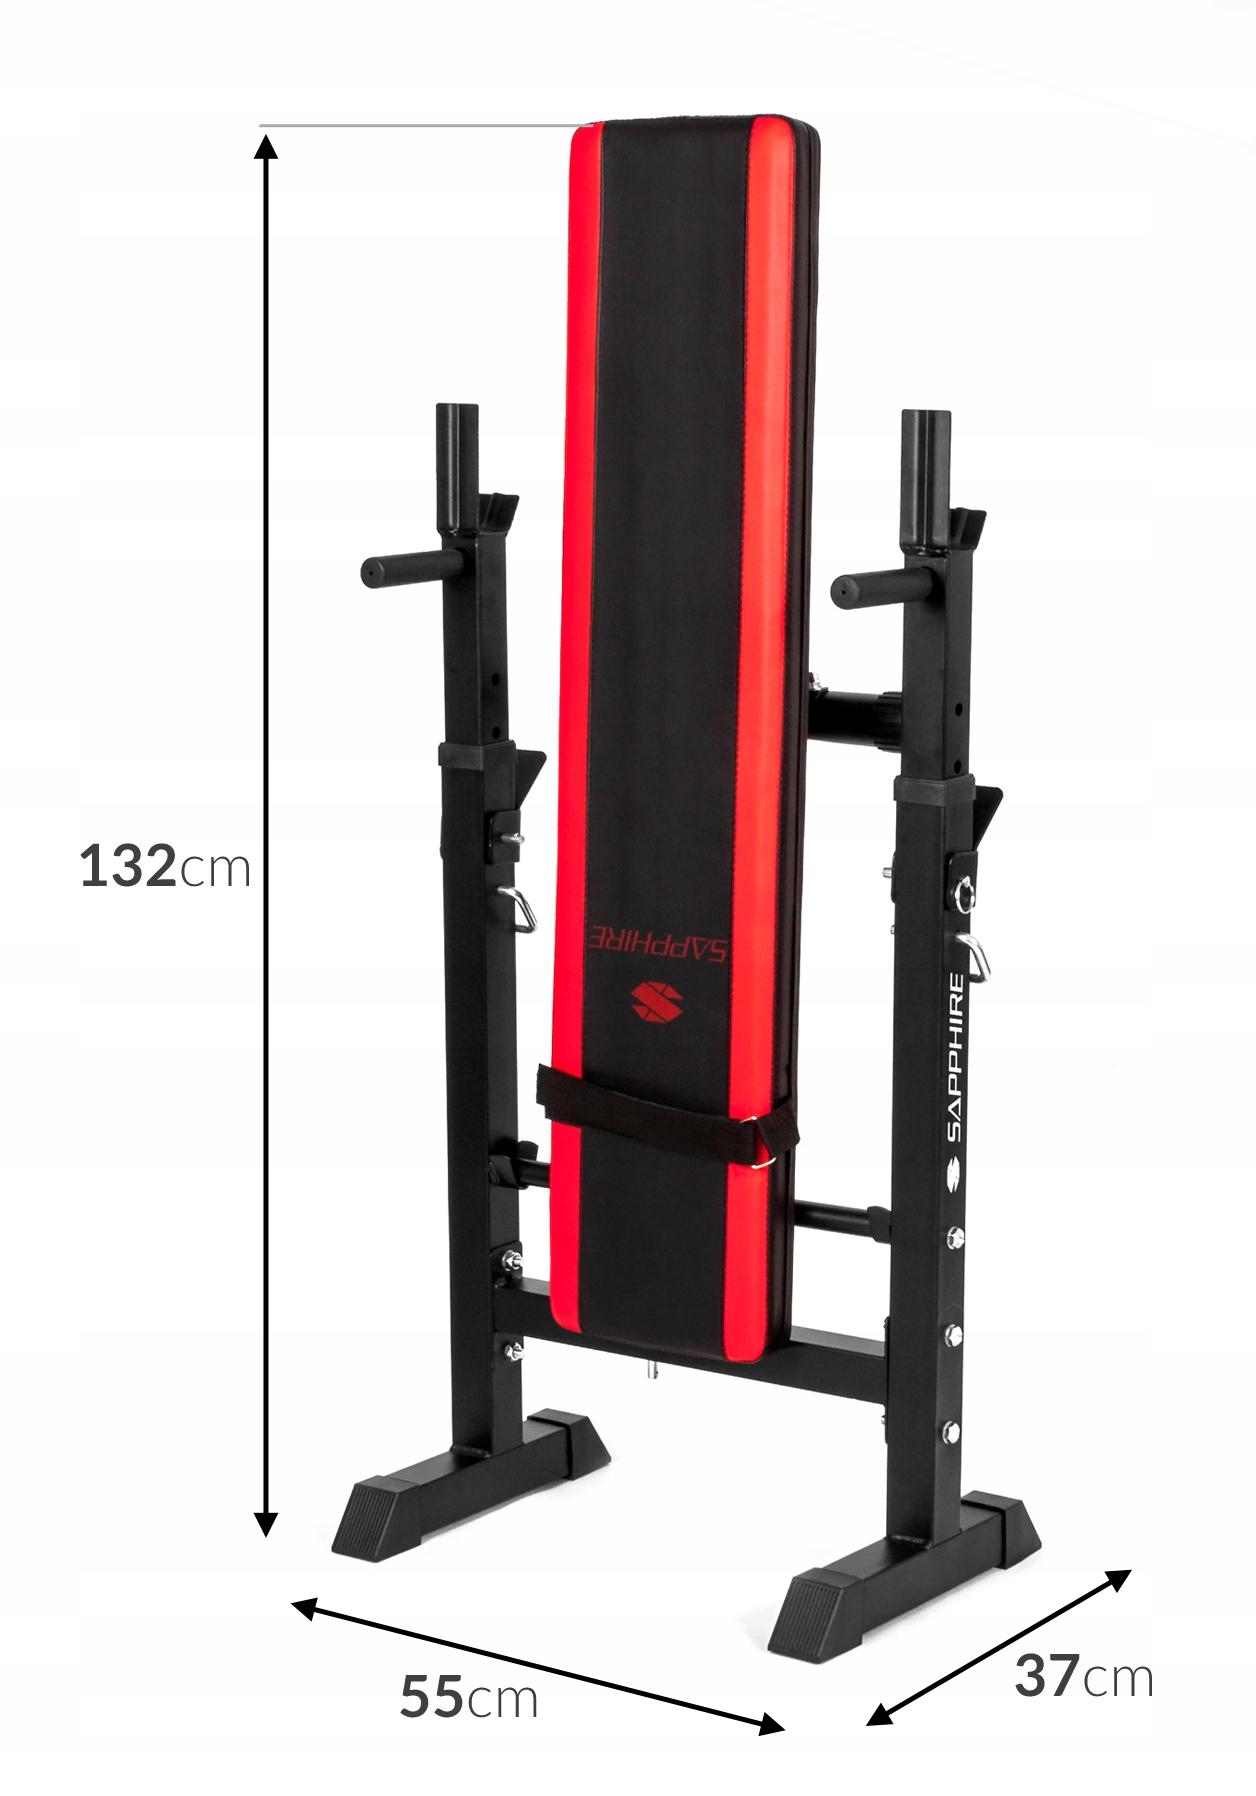 XYLO siłownia 56 kg zestaw ŁAWKA+GRYF+OBCIĄŻENIA Wyposażenie dodatkowe stojaki brak